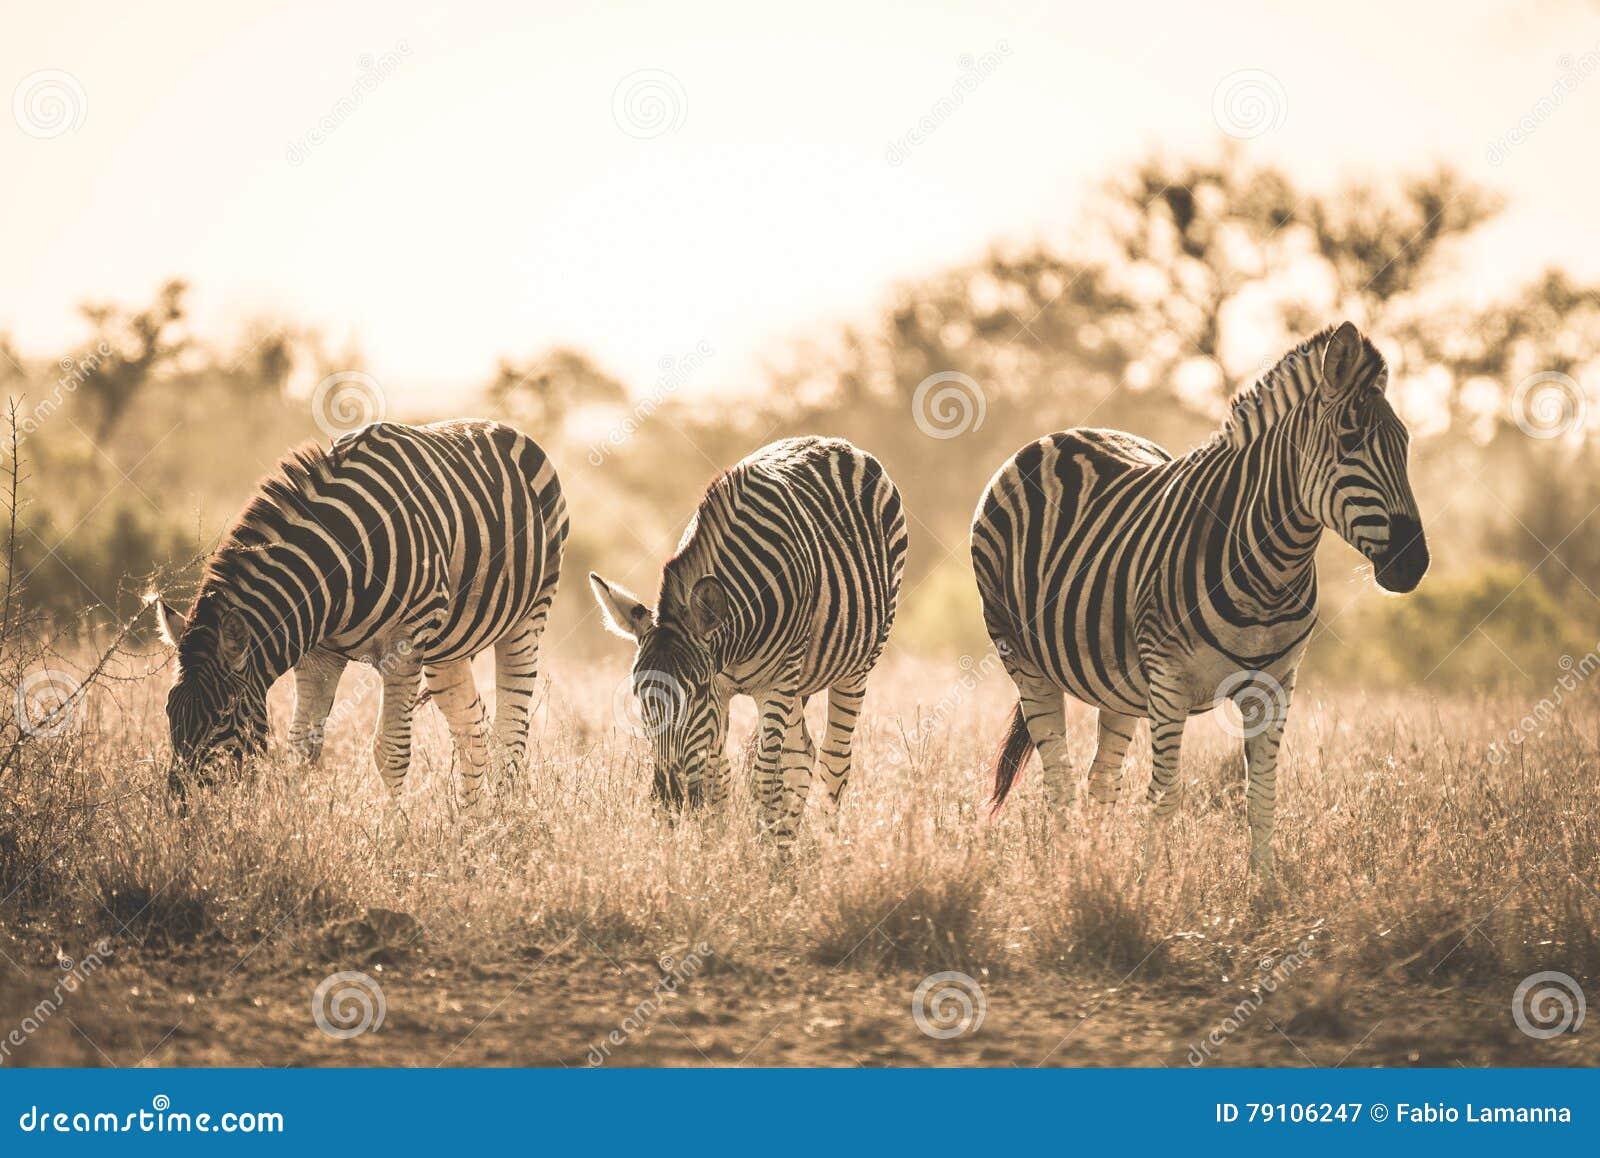 Κοπάδι των zebras που βόσκει στο θάμνο Σαφάρι άγριας φύσης στο εθνικό πάρκο Kruger, σημαντικός προορισμός ταξιδιού στη Νότια Αφρι